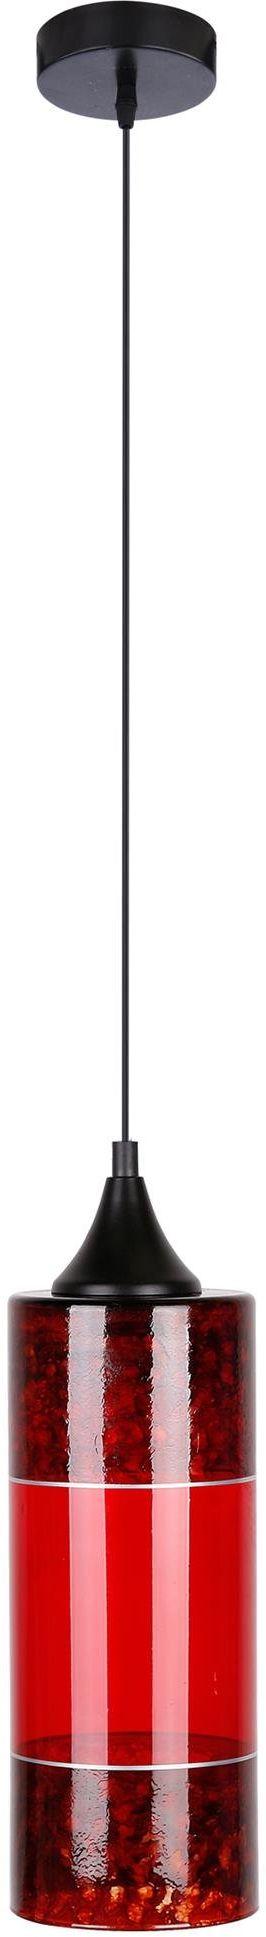 Candellux PLAZMA 31-77653 lampa wisząca szklany klosz czerwony 1X60W E27 12 cm